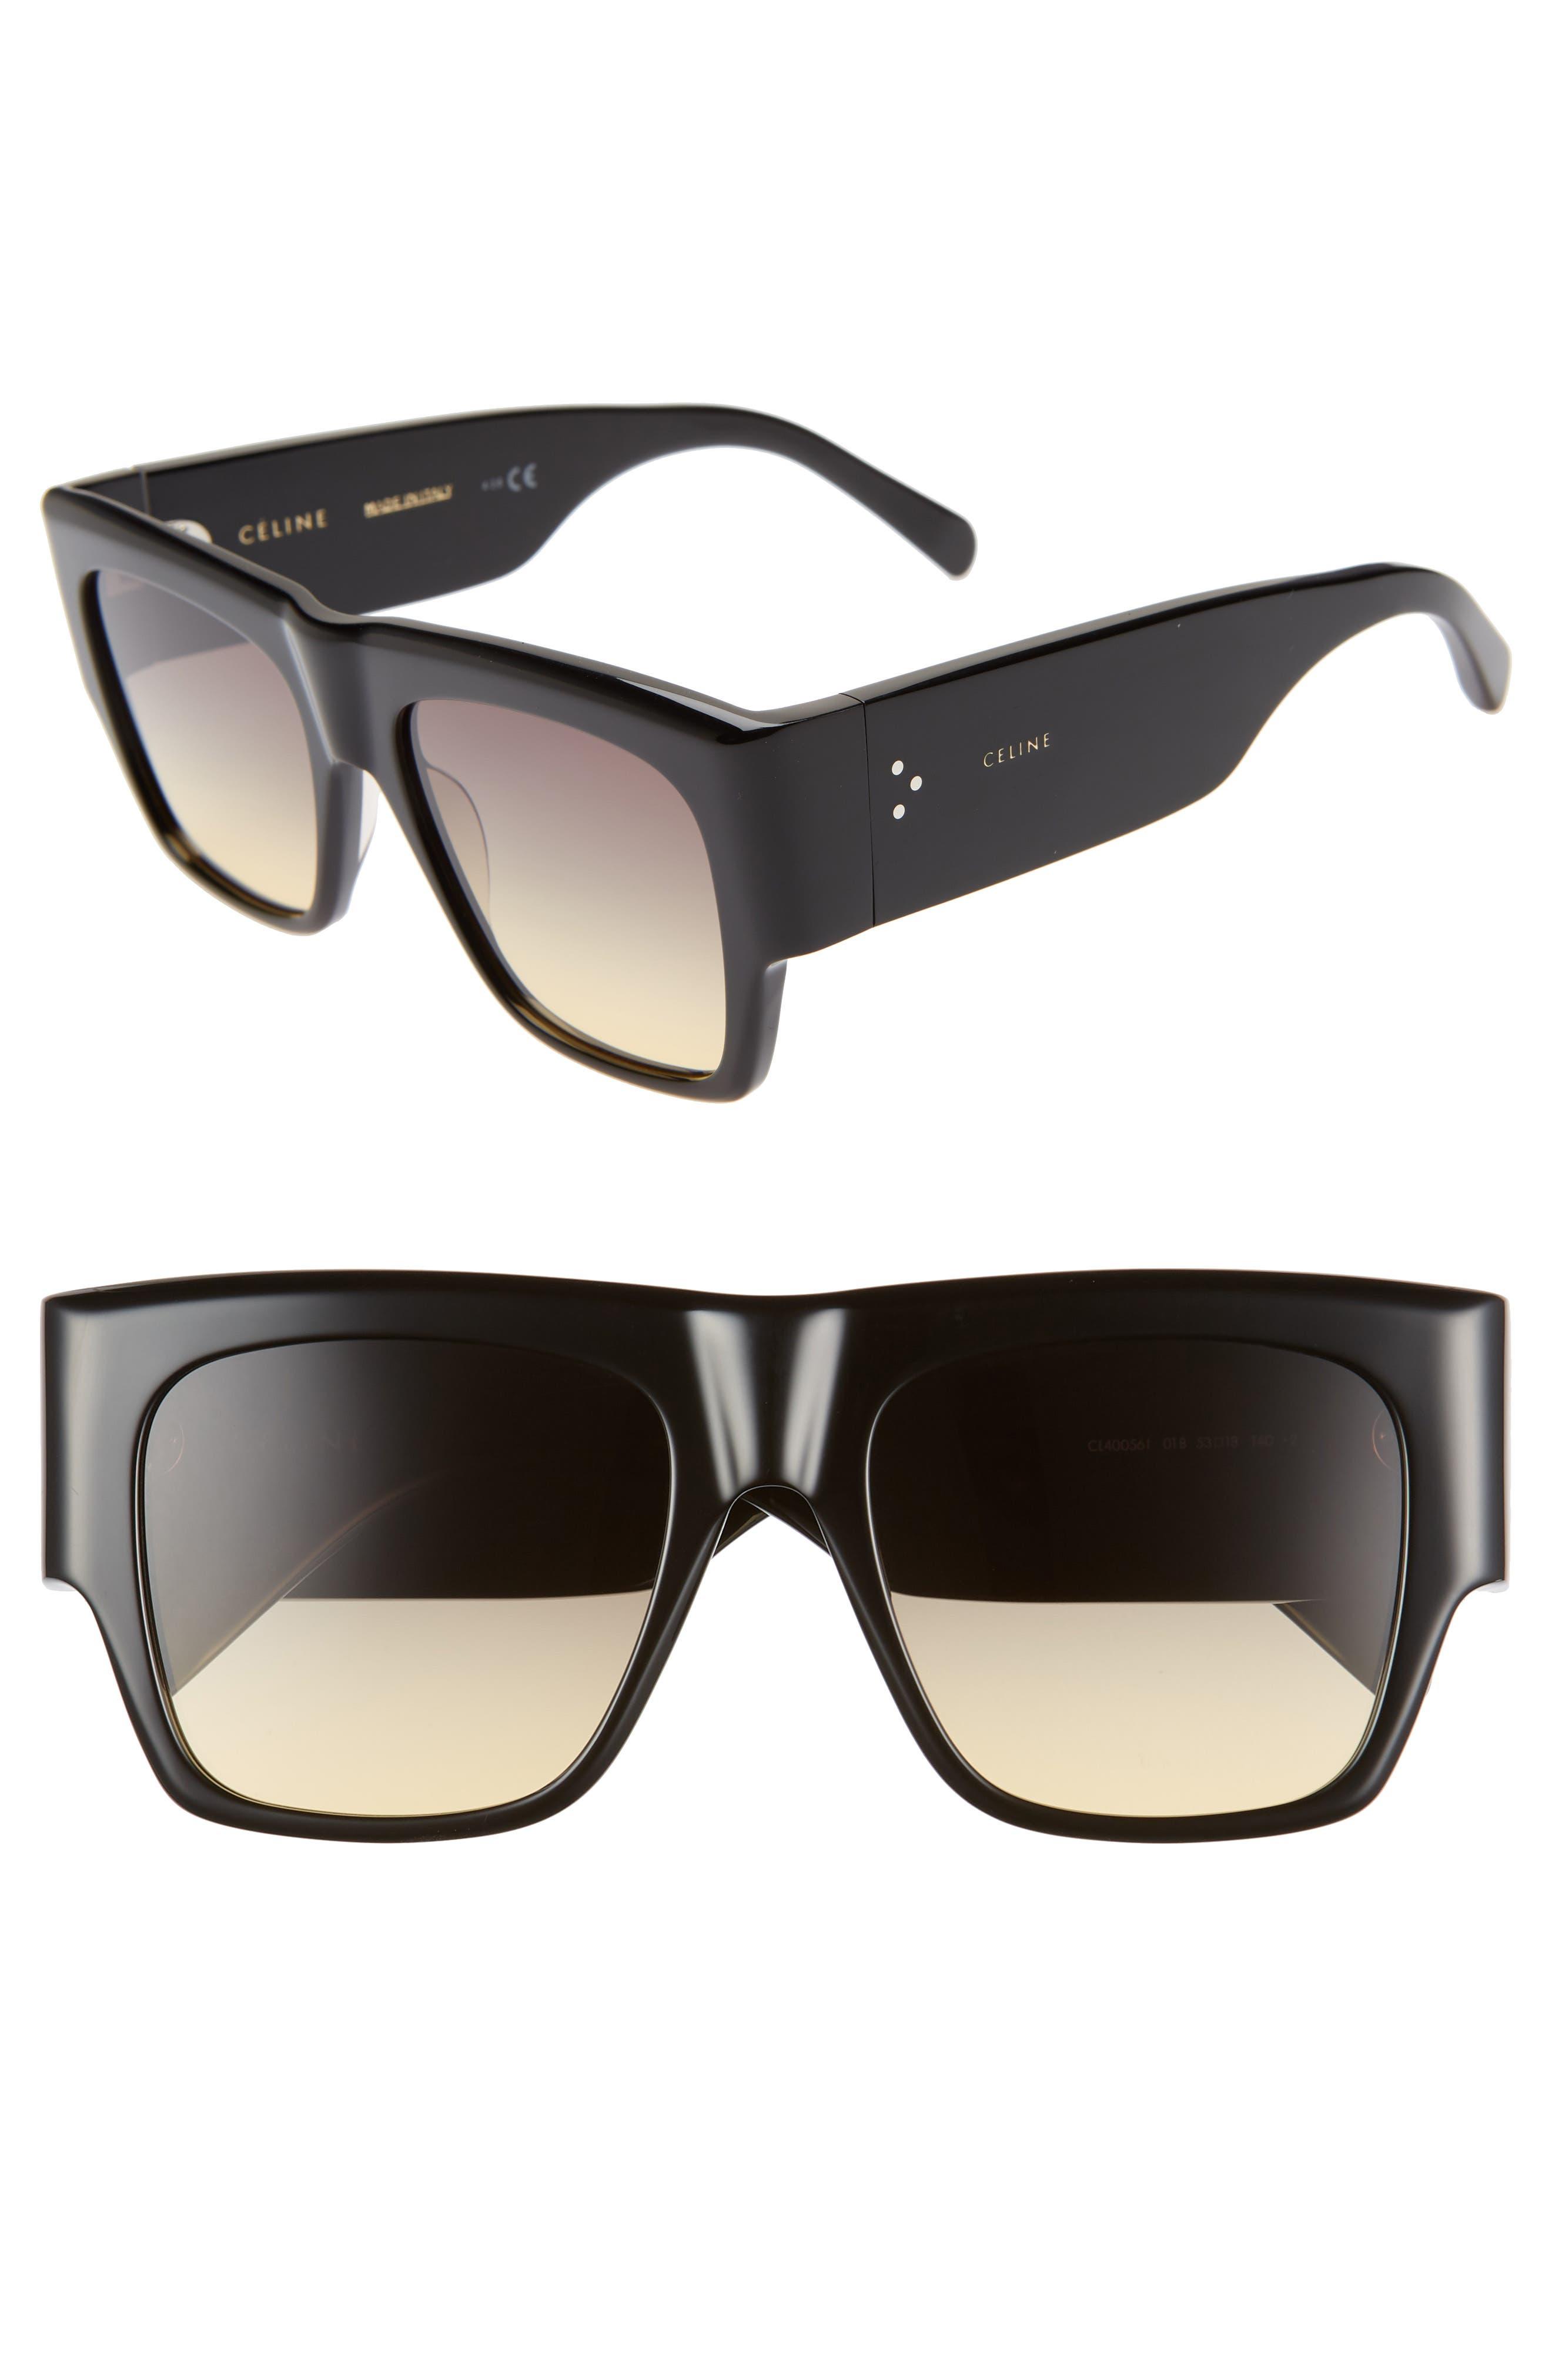 Céline 56mm Special Fit Gradient Flat Top Sunglasses,                             Main thumbnail 1, color,                             001